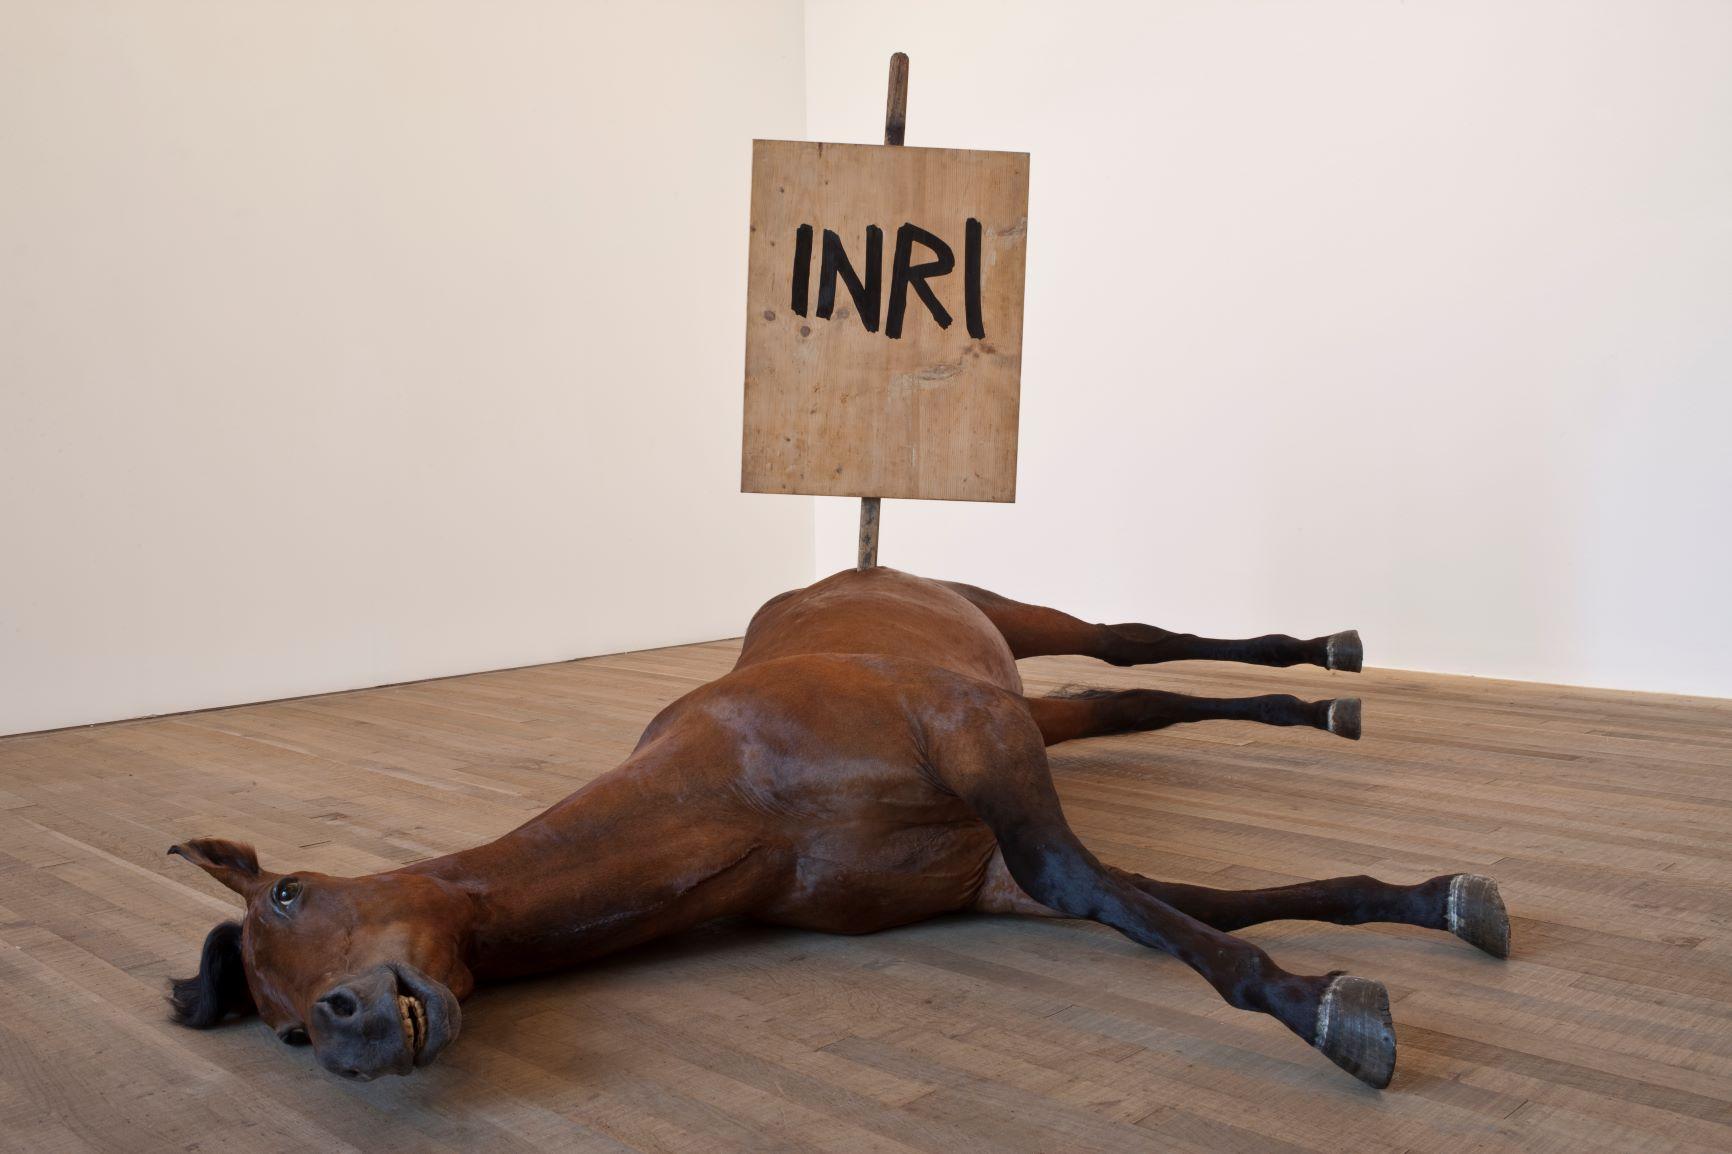 La fragilità e la fallibilità dell'essere umano al centro della attesissima mega mostra di Maurizio Cattelan a Milano